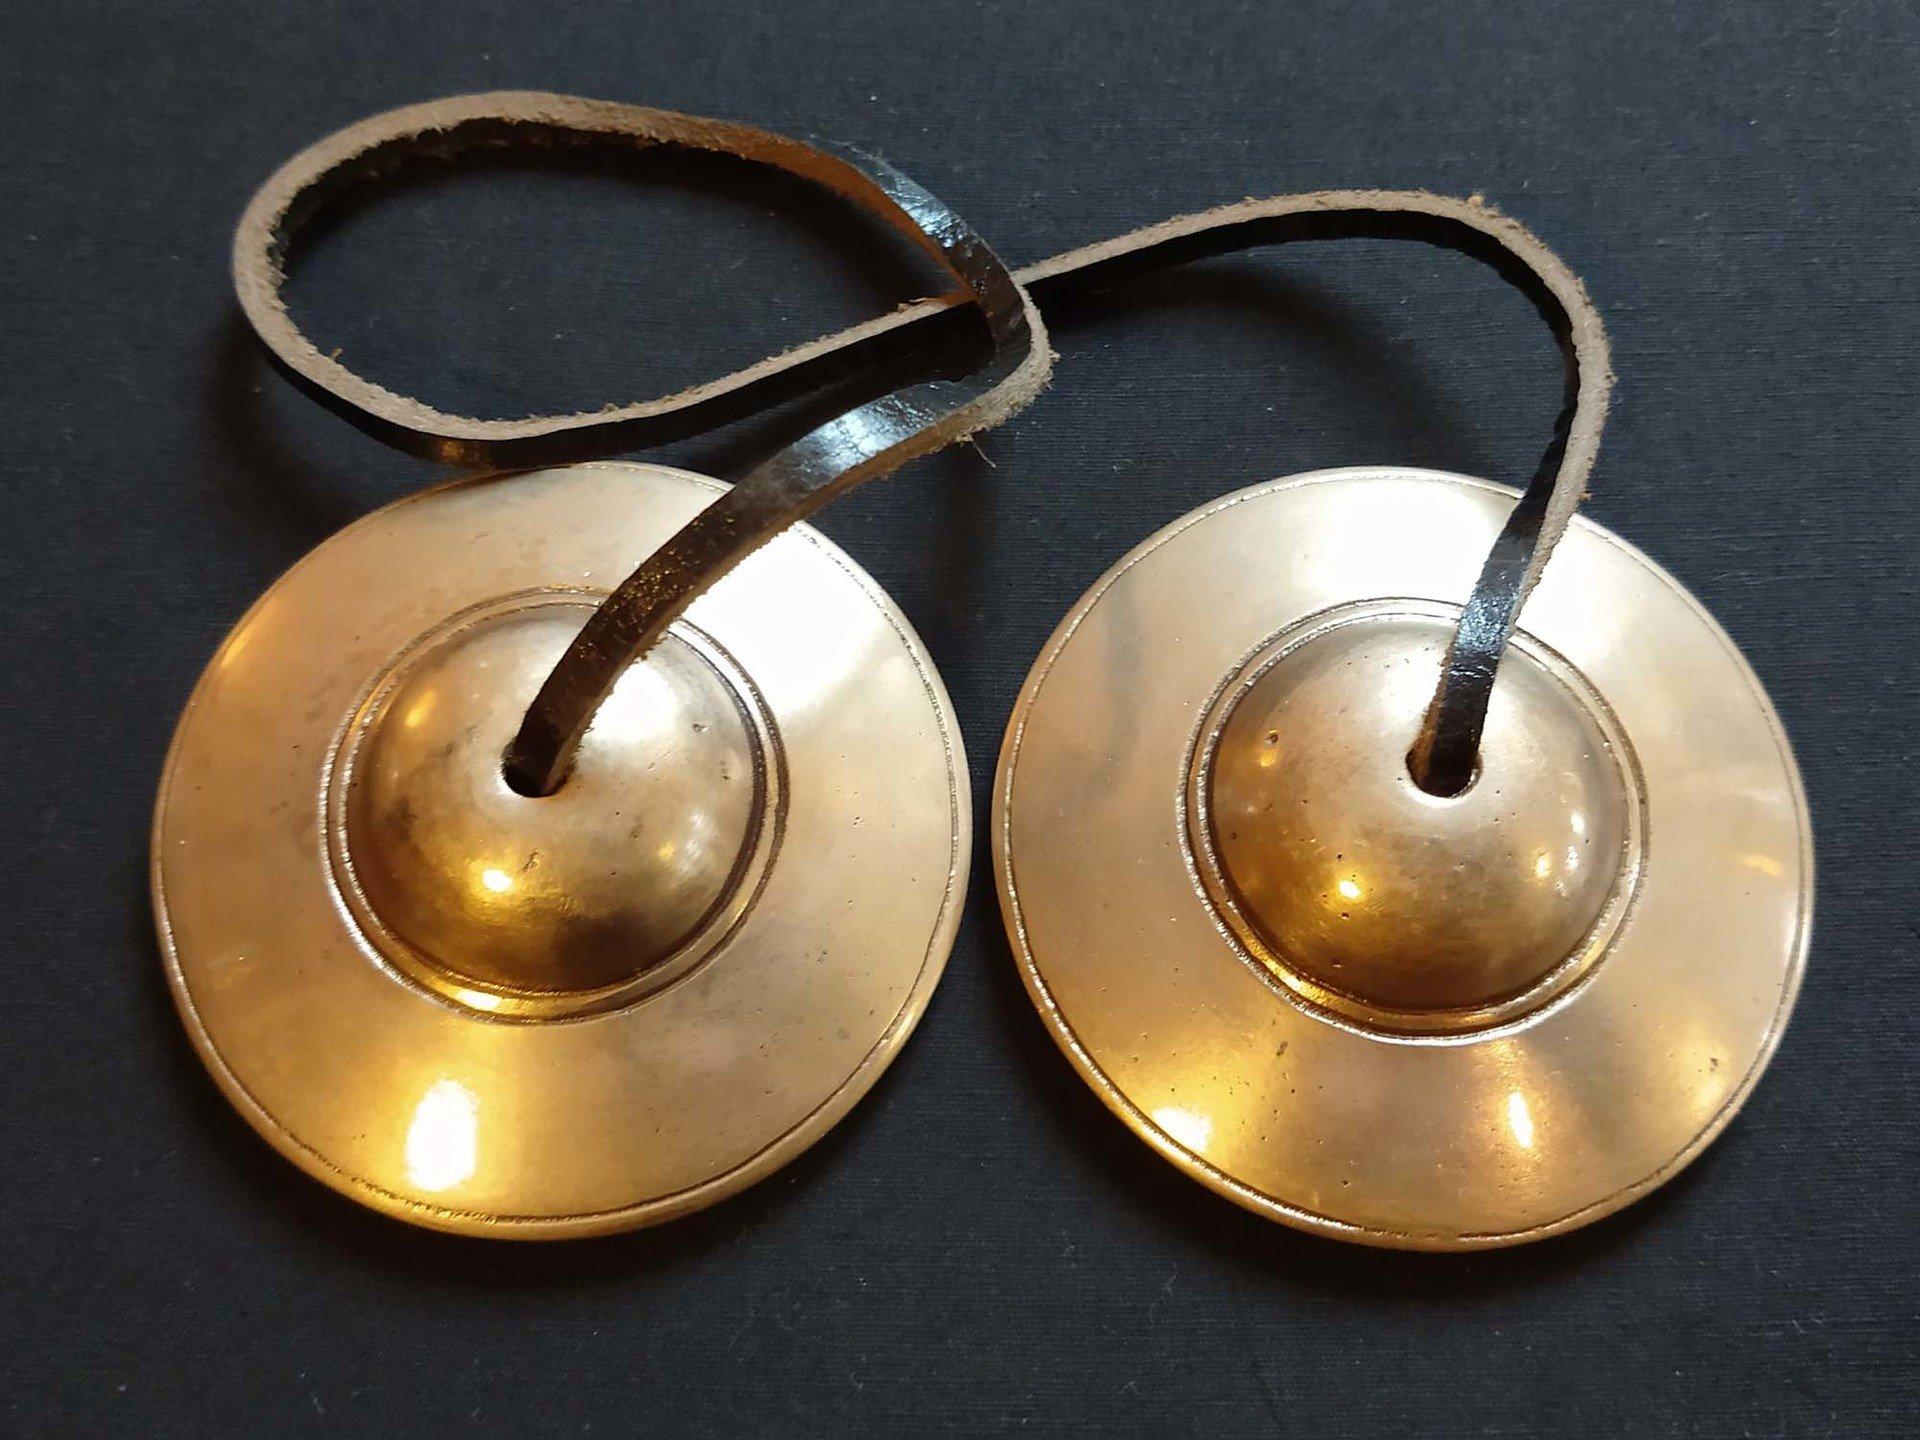 Sound-instruments